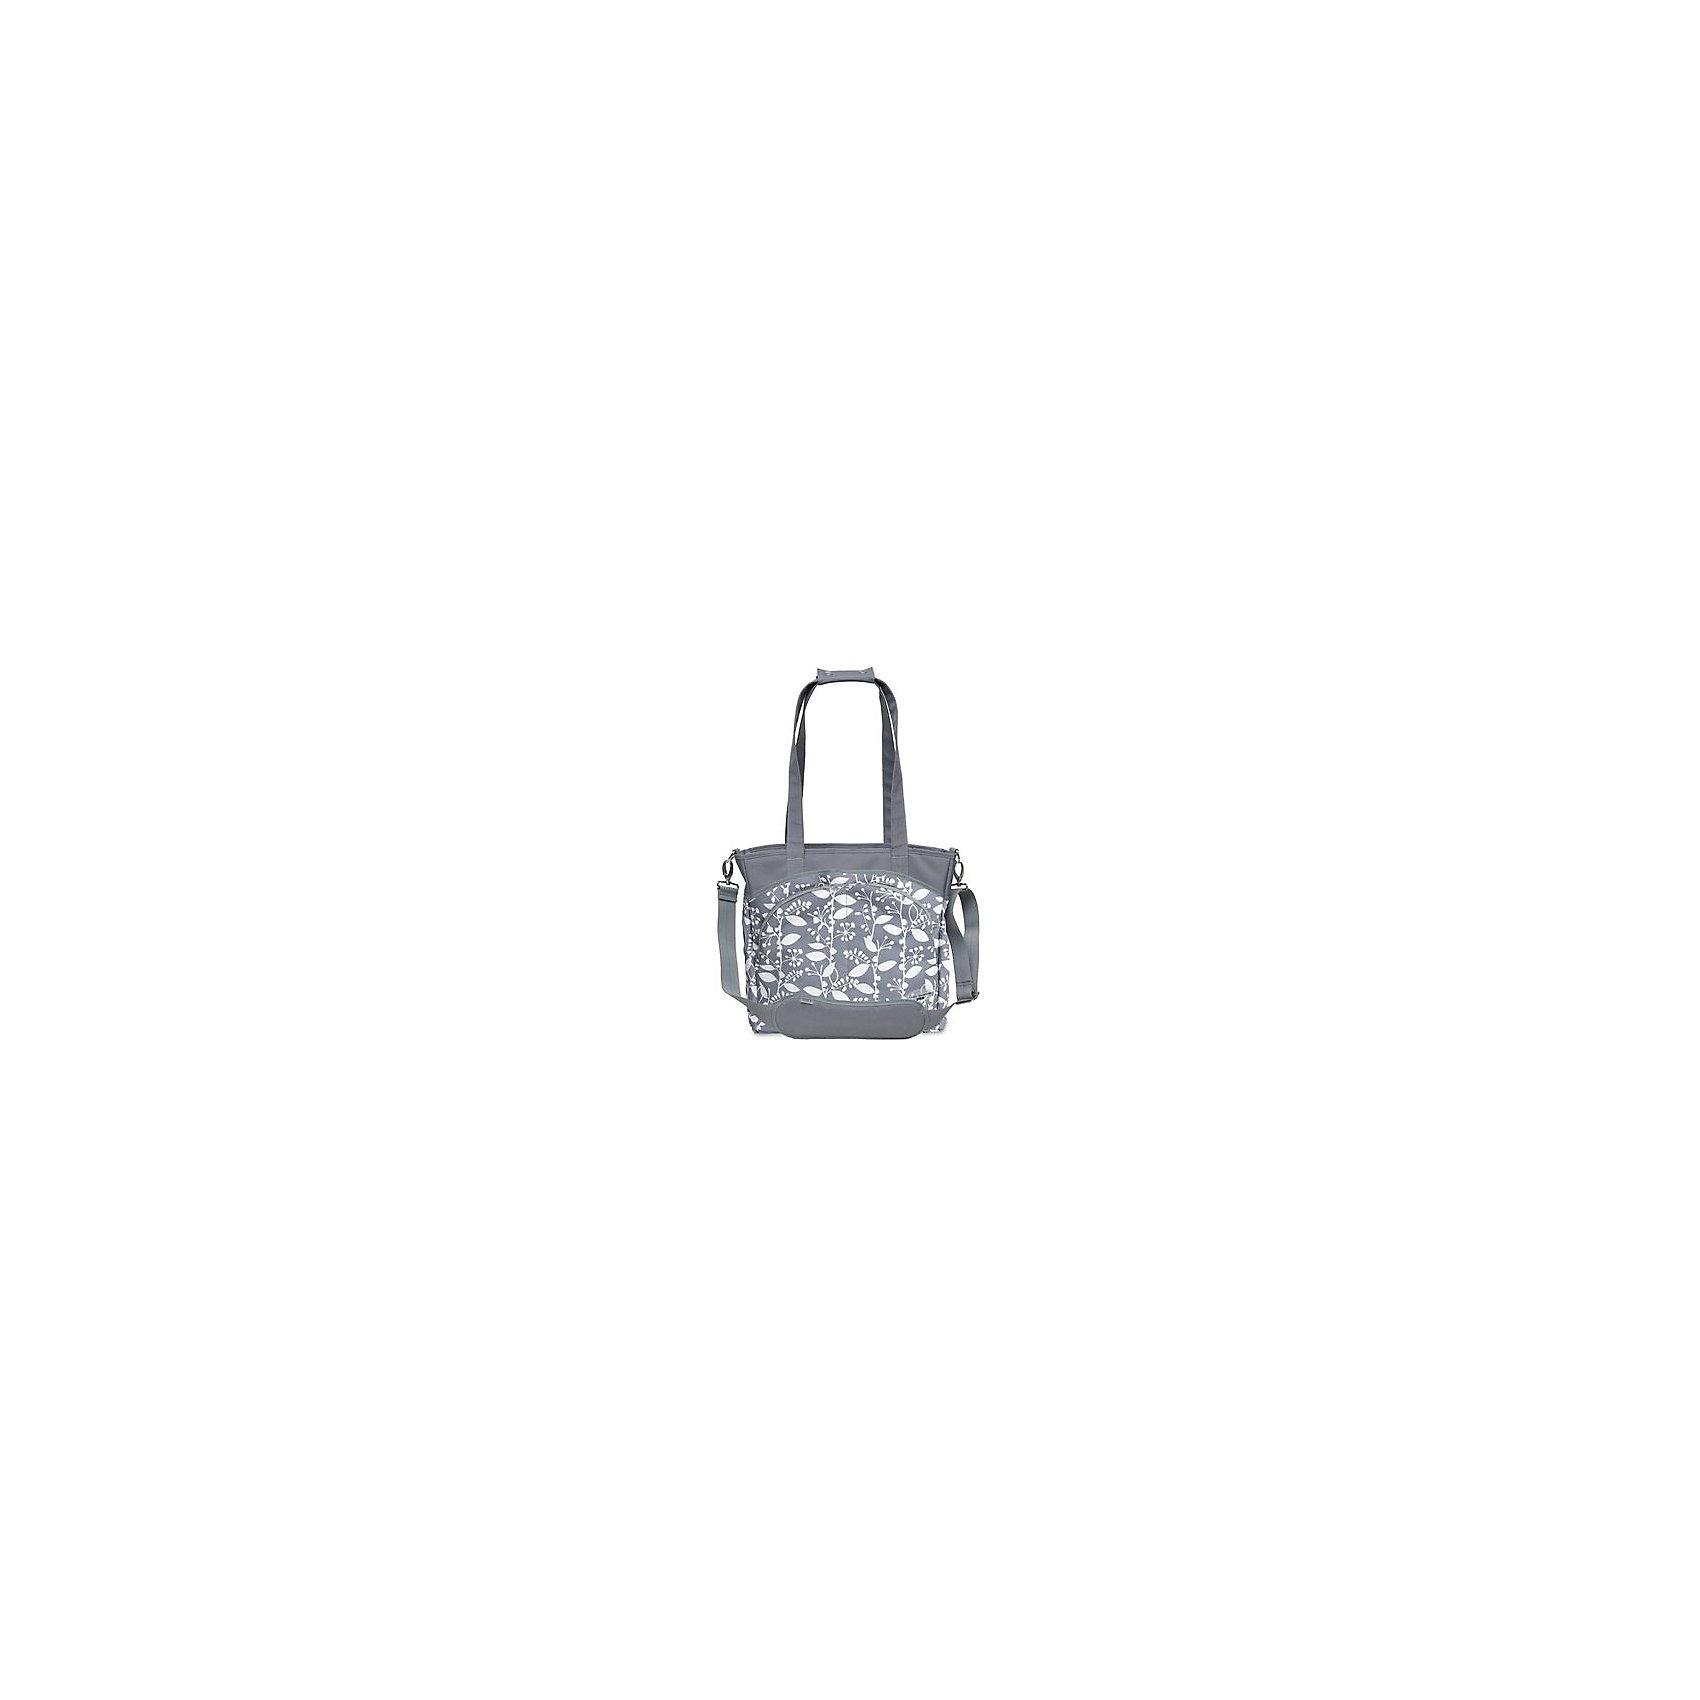 JJ COLE Сумка Mode,JJ Cole, серый с цветочным орнаментом где можно сумку для родома нижнекамск